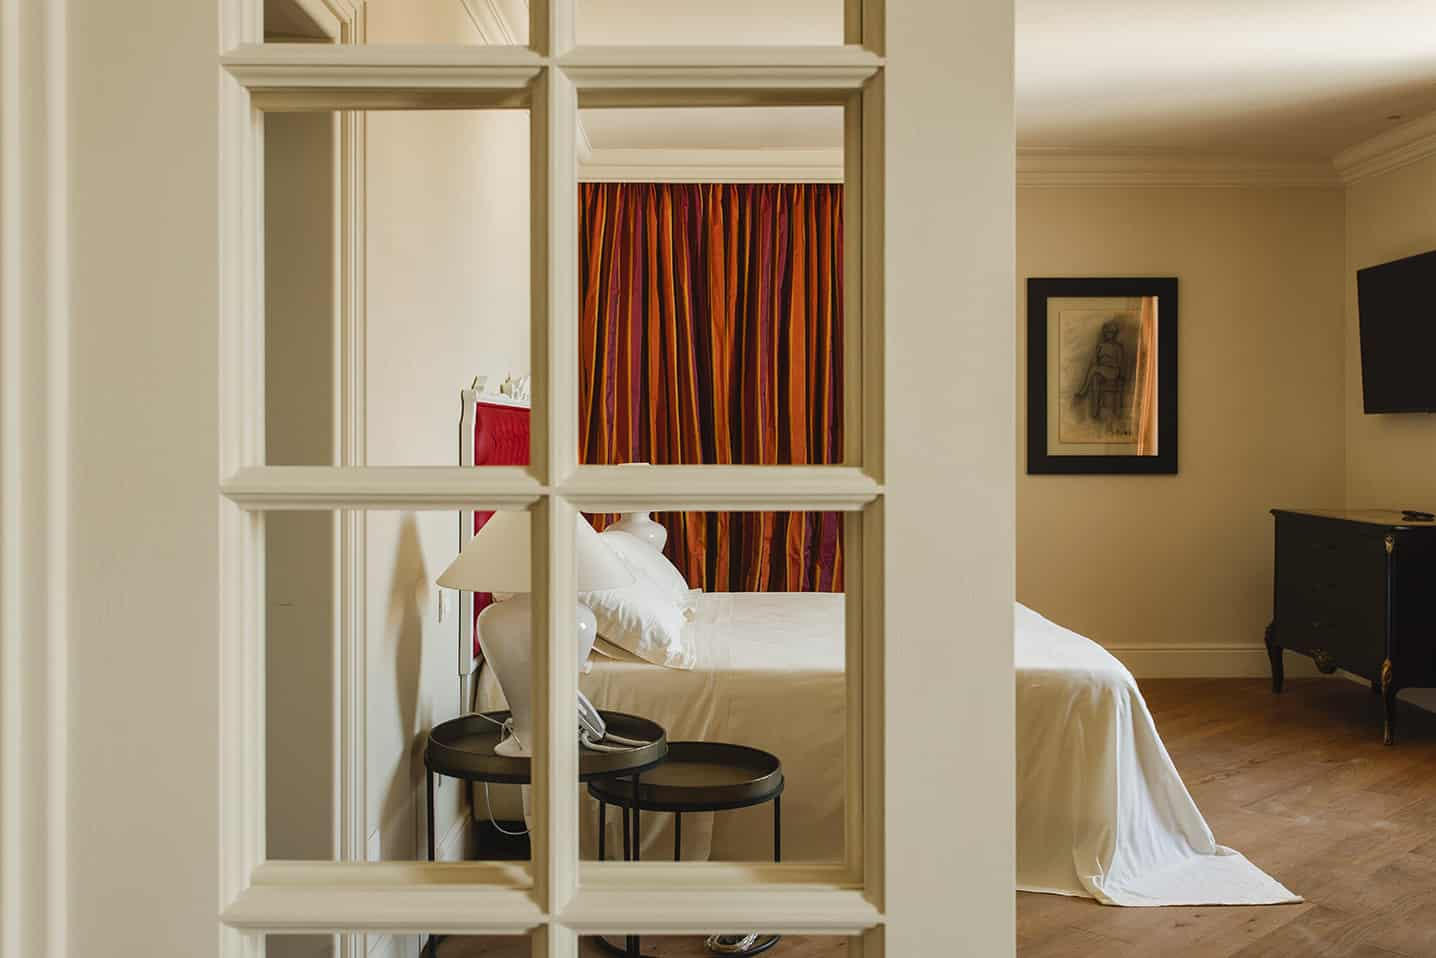 Suite, Hotel Matera - Alvino 1884